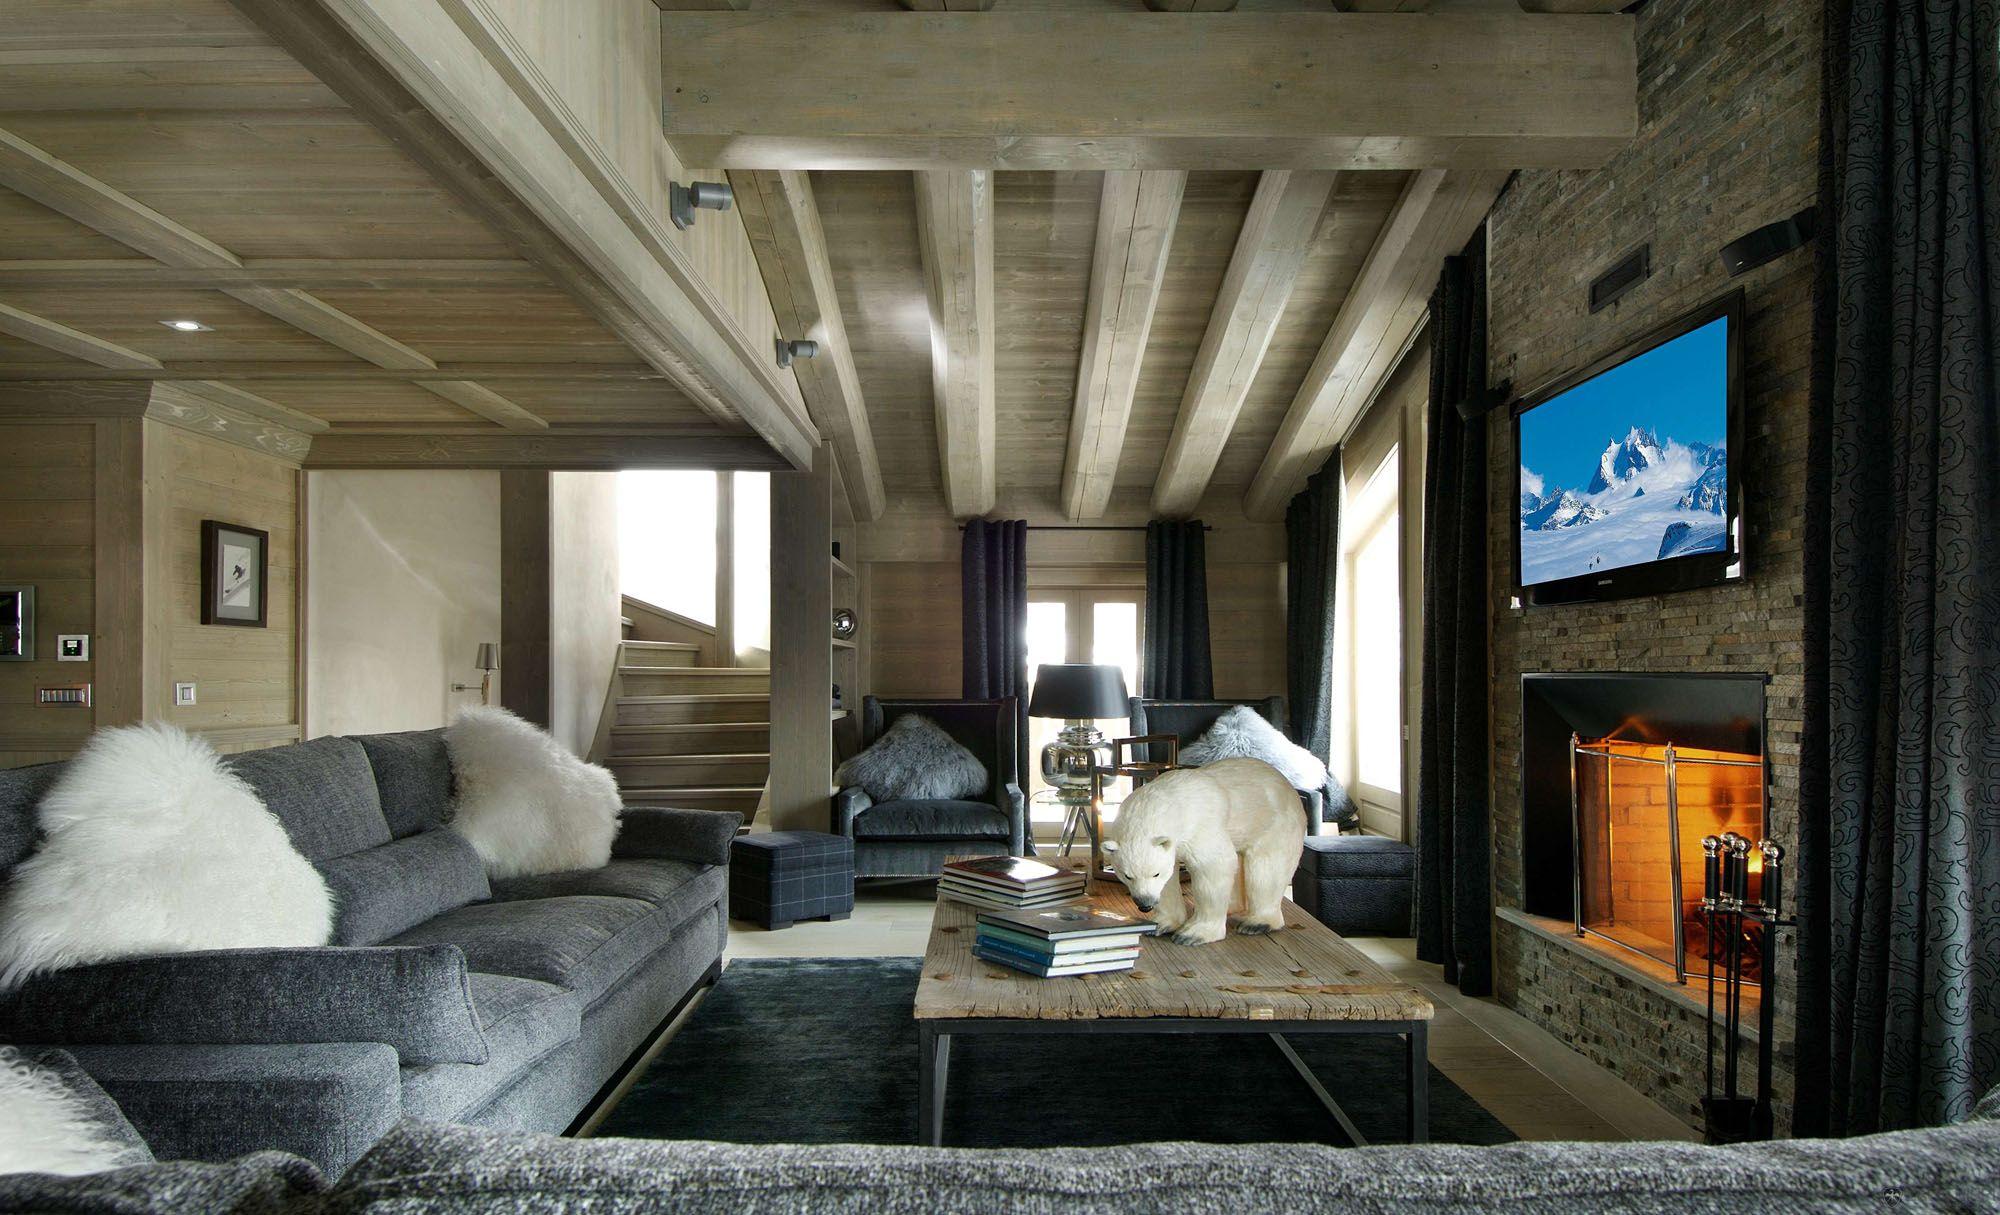 70 moderne, innovative luxus interieur ideen fürs wohnzimmer ... - Wohnzimmer Ideen Gemuetlich